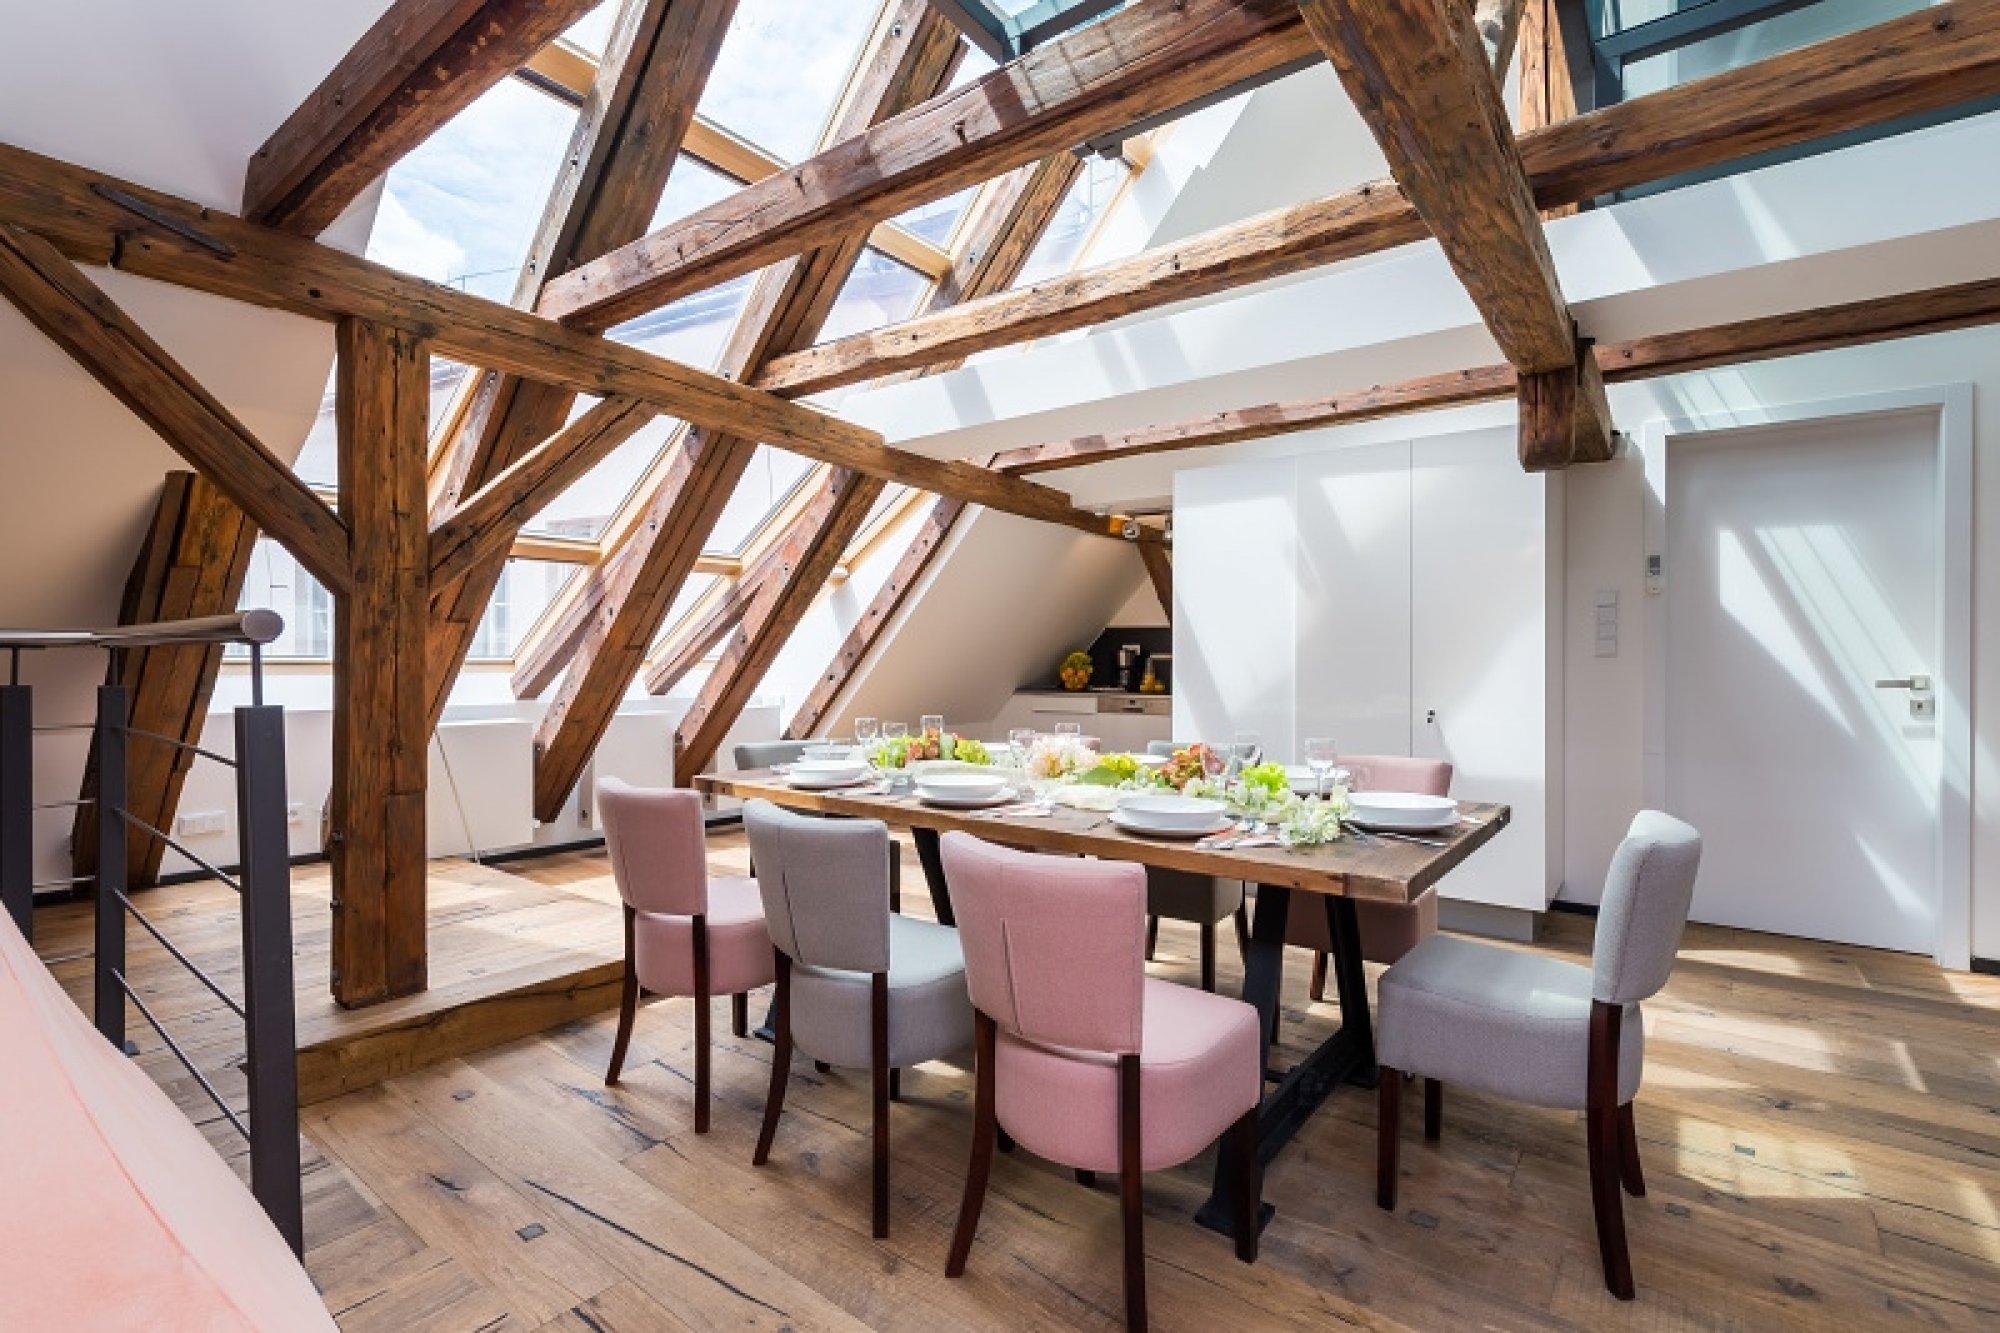 Půdní byt 4+kk, plocha 194 m², ulice Tržiště, Praha 1 - Malá Strana | 1